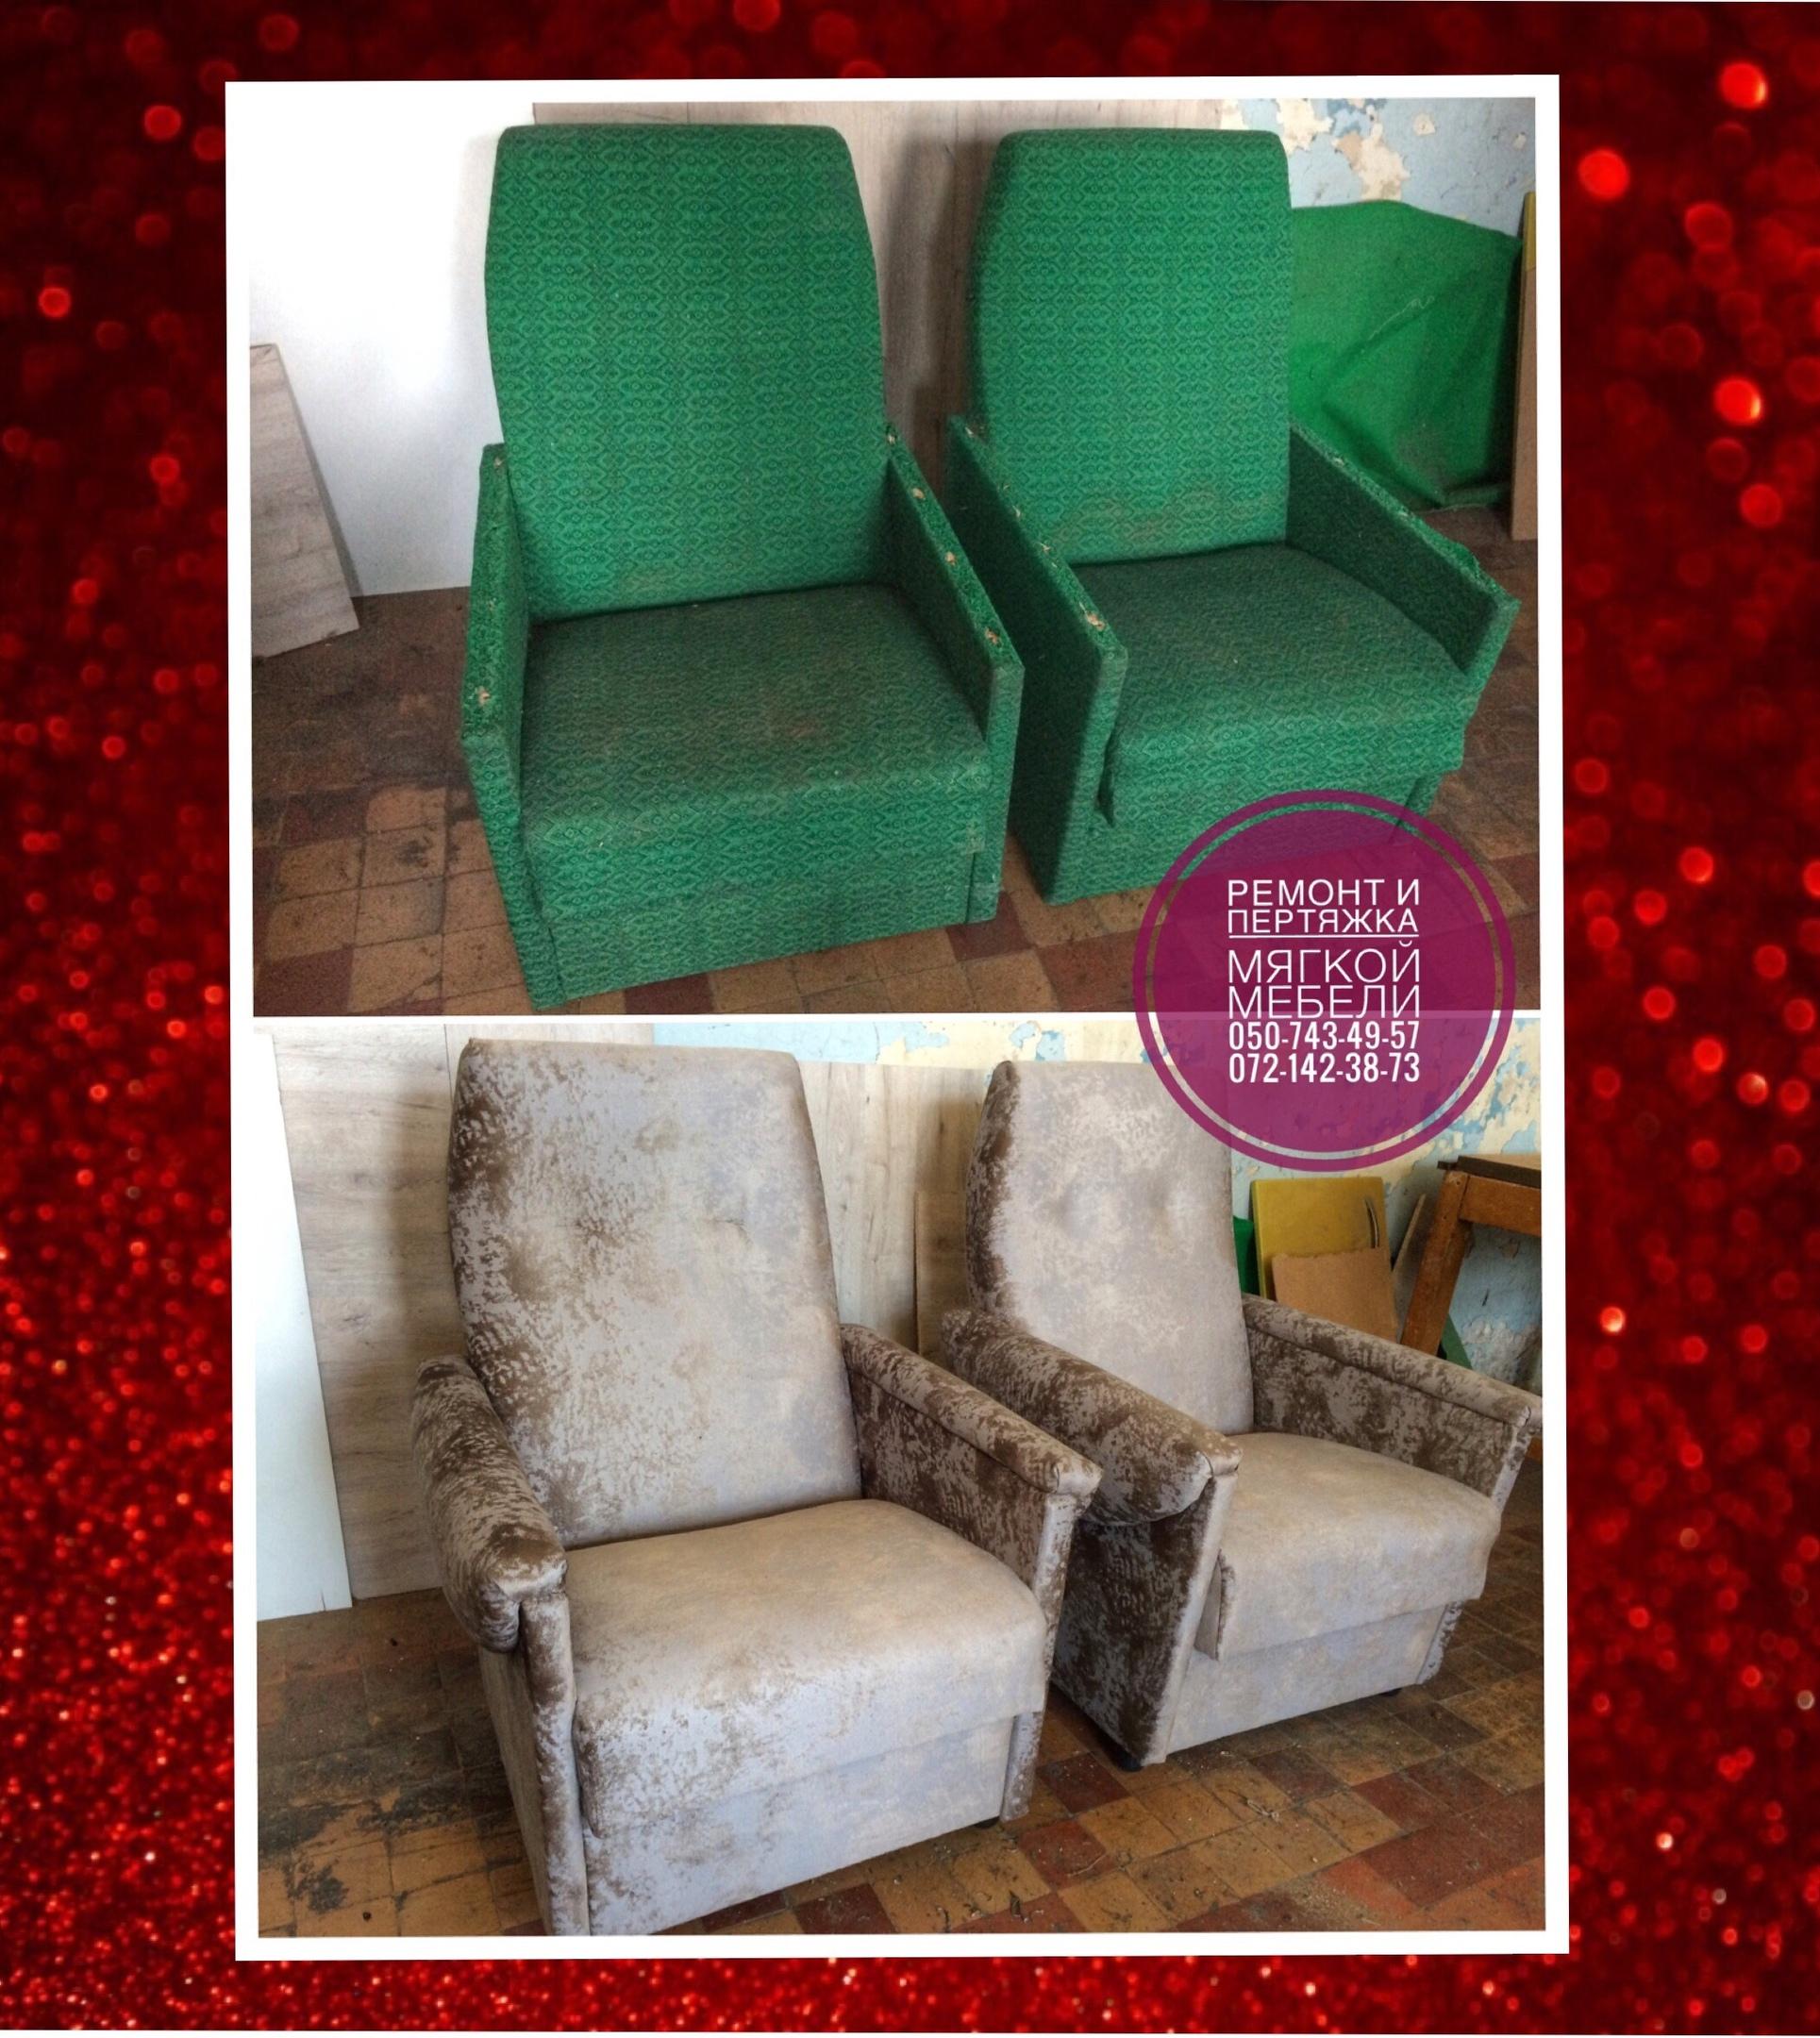 ✅Ремонт и перетяжка мягкой мебели,матрасов,стульев и т.